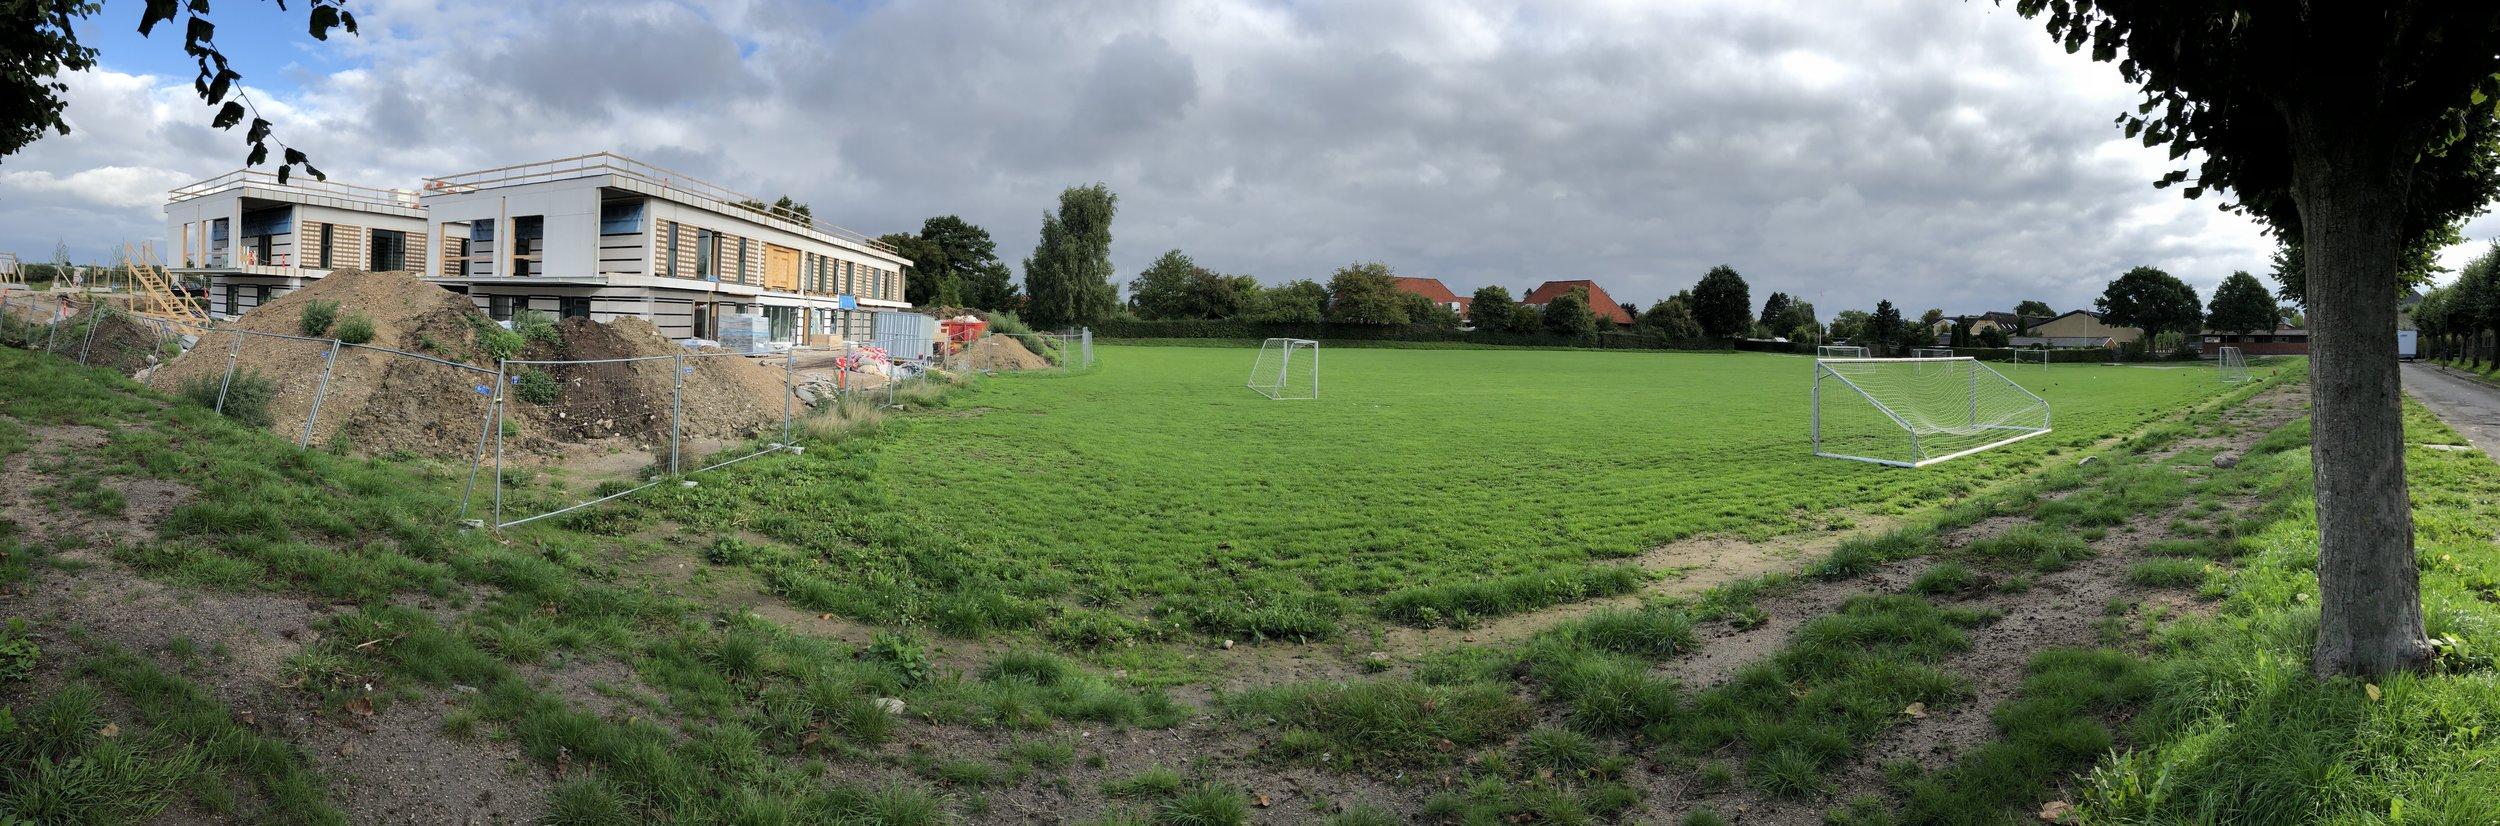 Til venstre ses det ny Børnehus 1, som er under opførelse og åbner den 1. januar 2019, og i baggrunden ses bl.a. den gamle børneinstitution 'Brumbassen', som nedlægges for at give plads til Børnehus 2. Foto:AOB